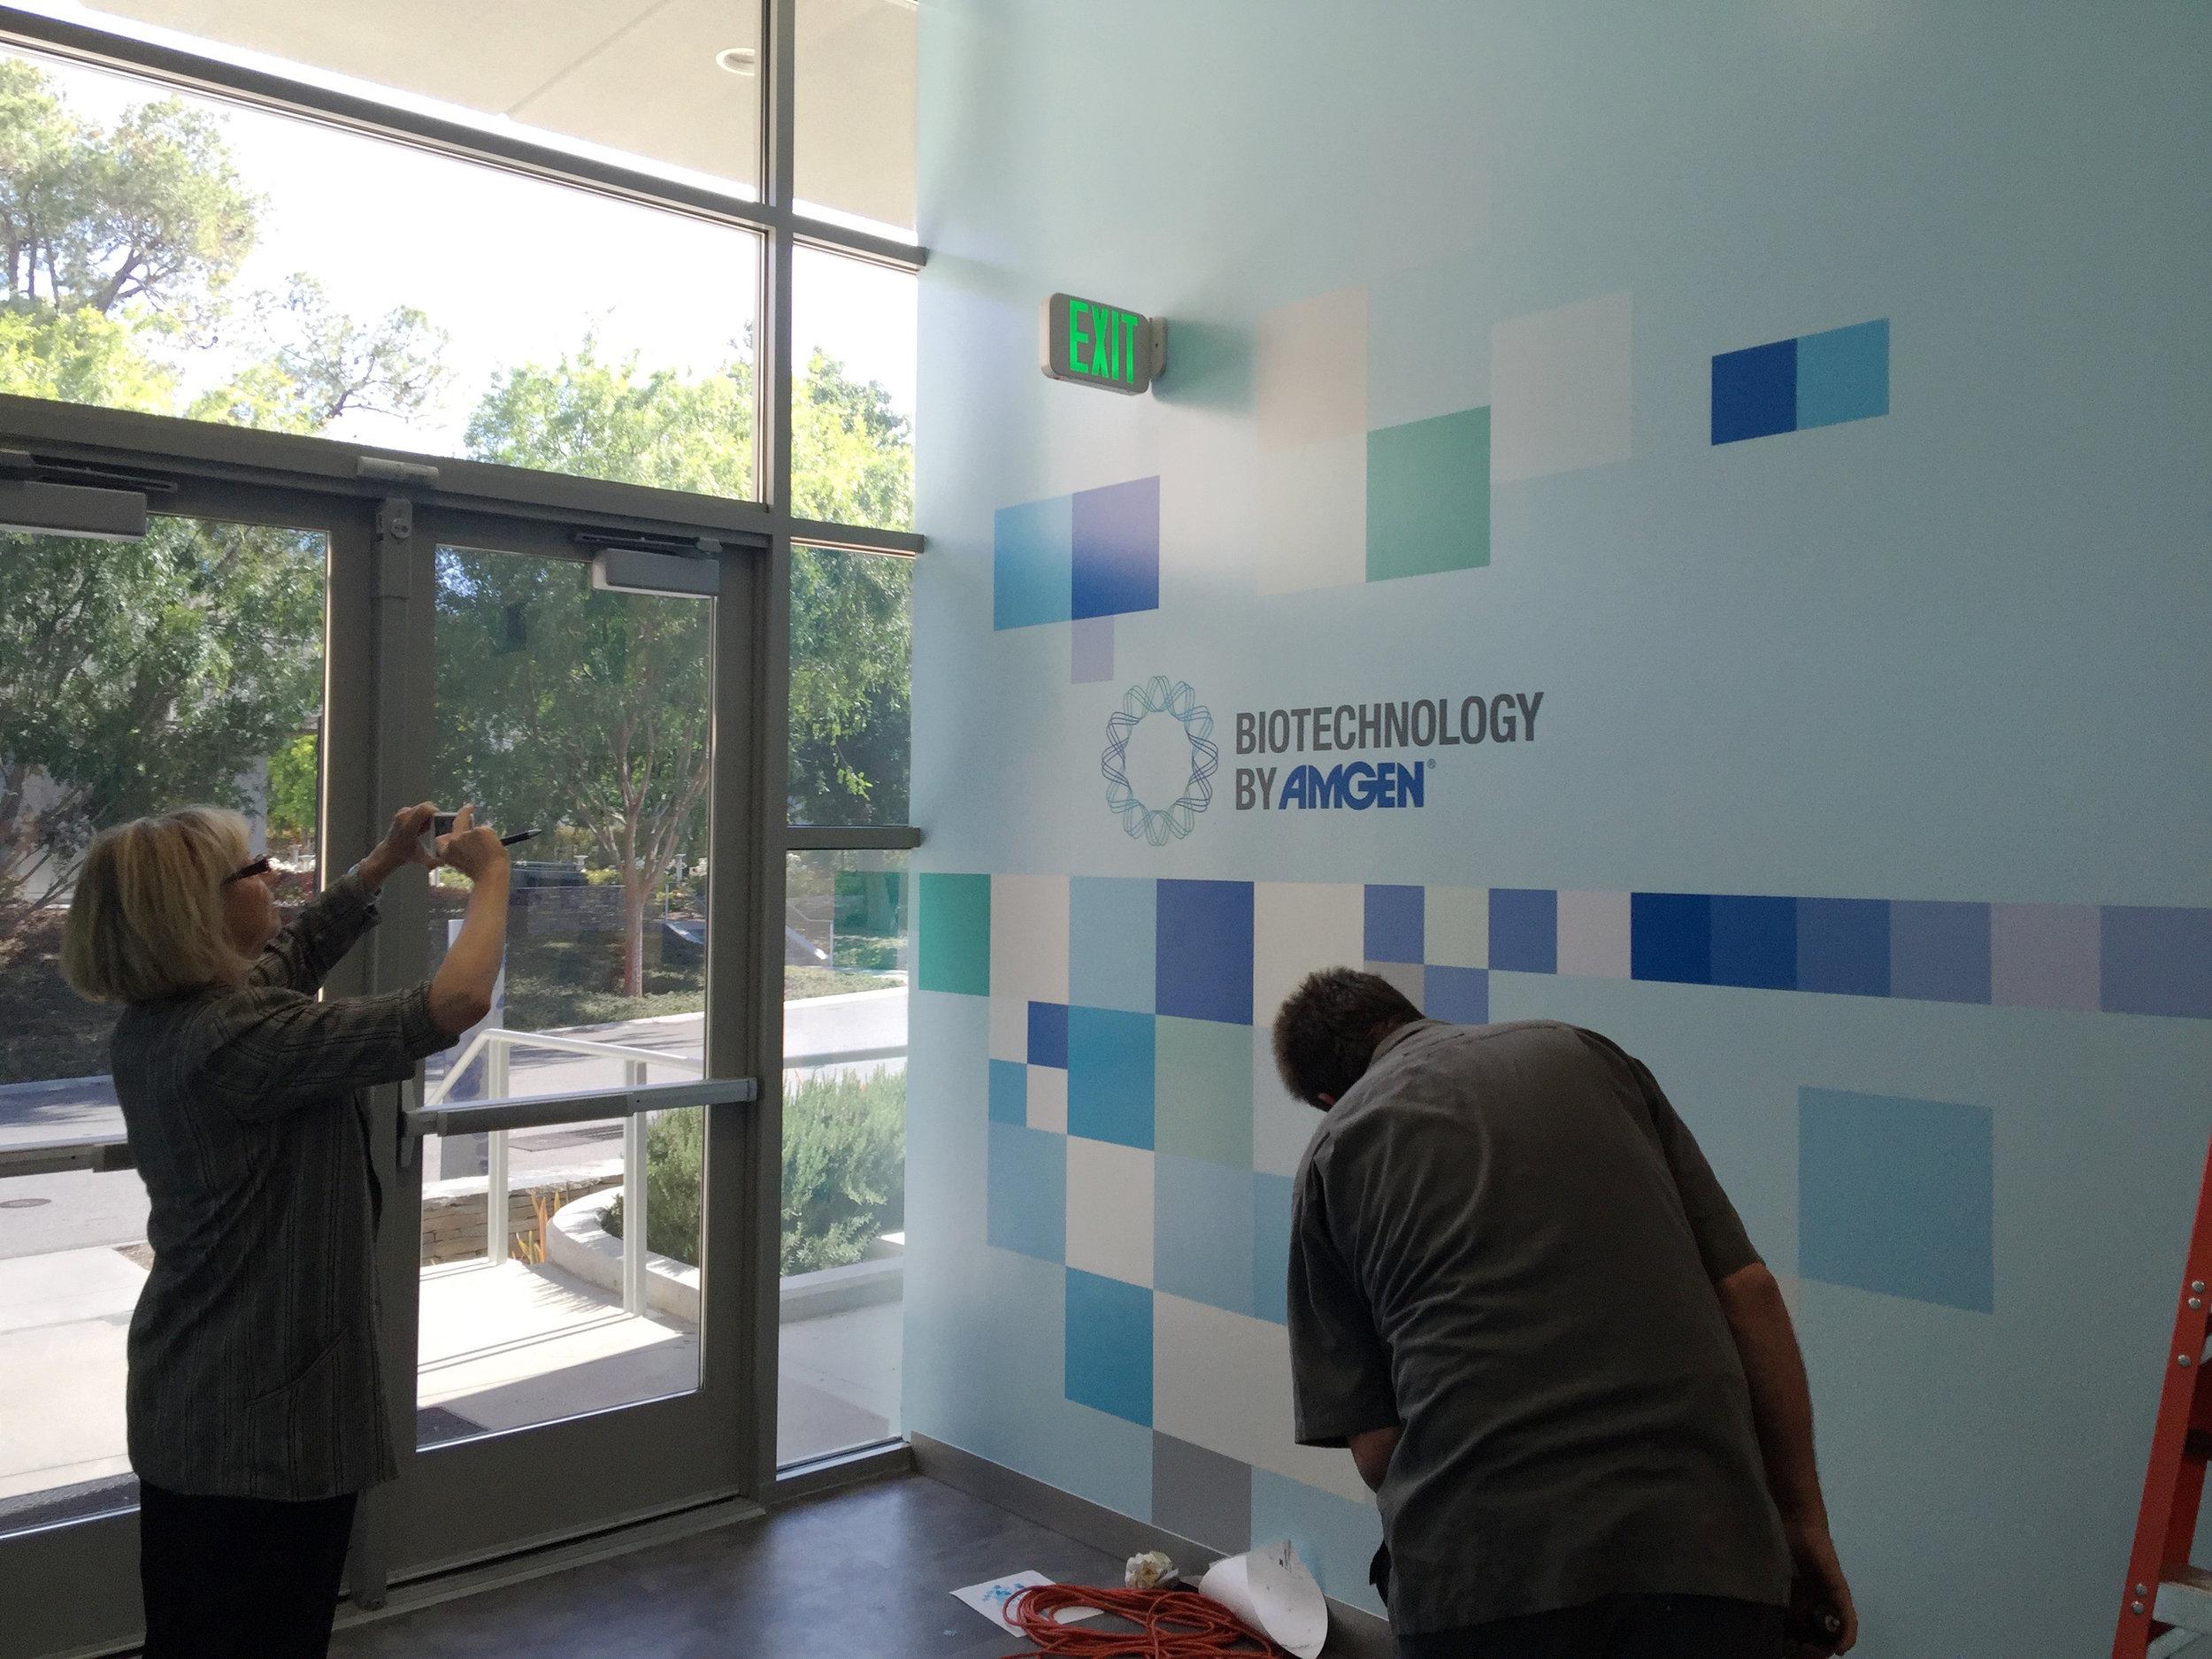 amgen lobby 42 design3.jpg